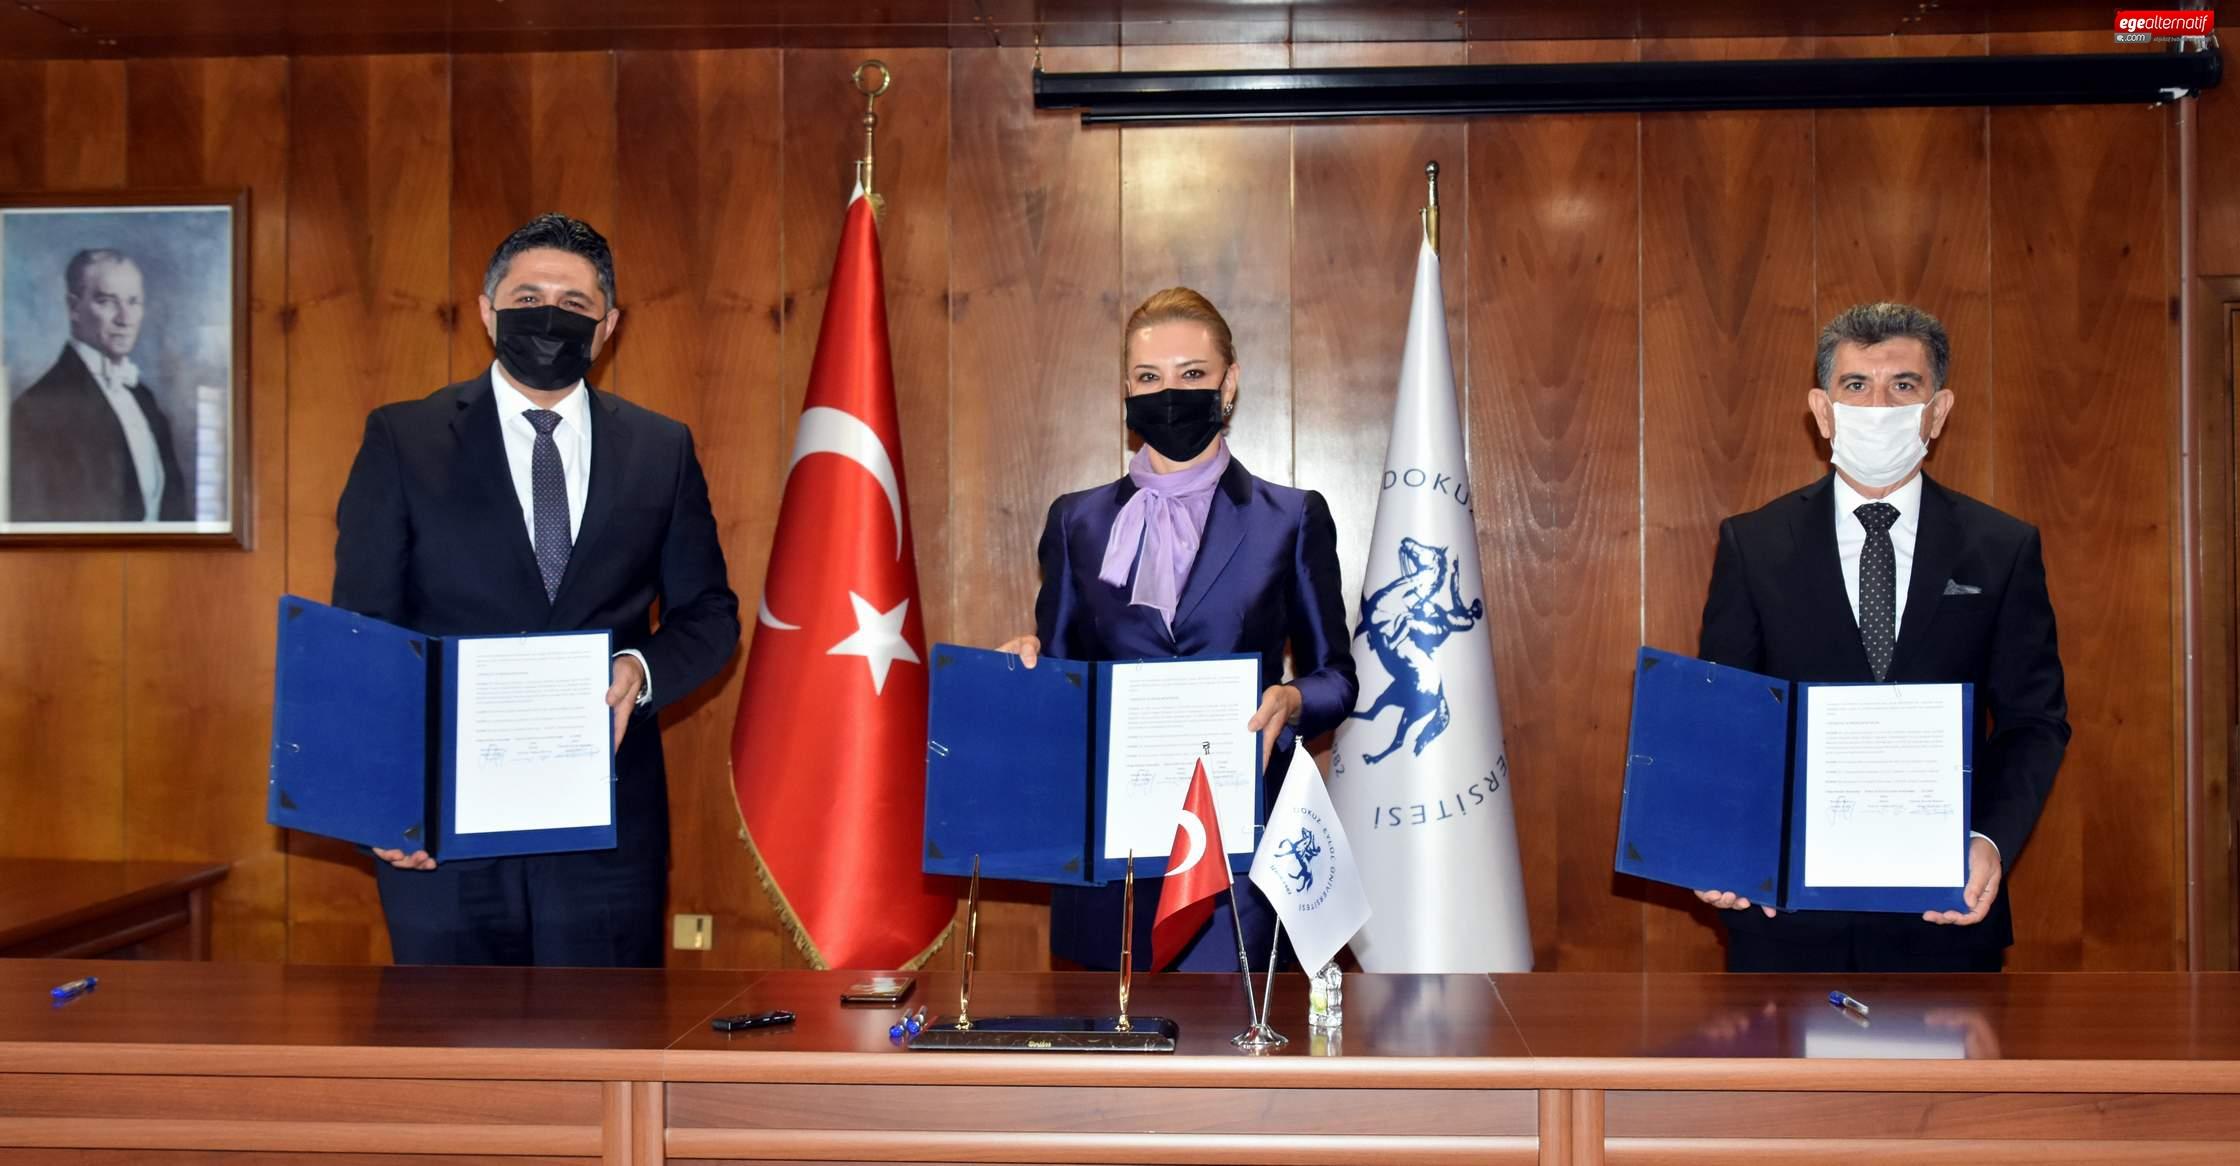 Aliağa Meslek Hastalıkları Hastanesi İçin Protokol İmzalandı